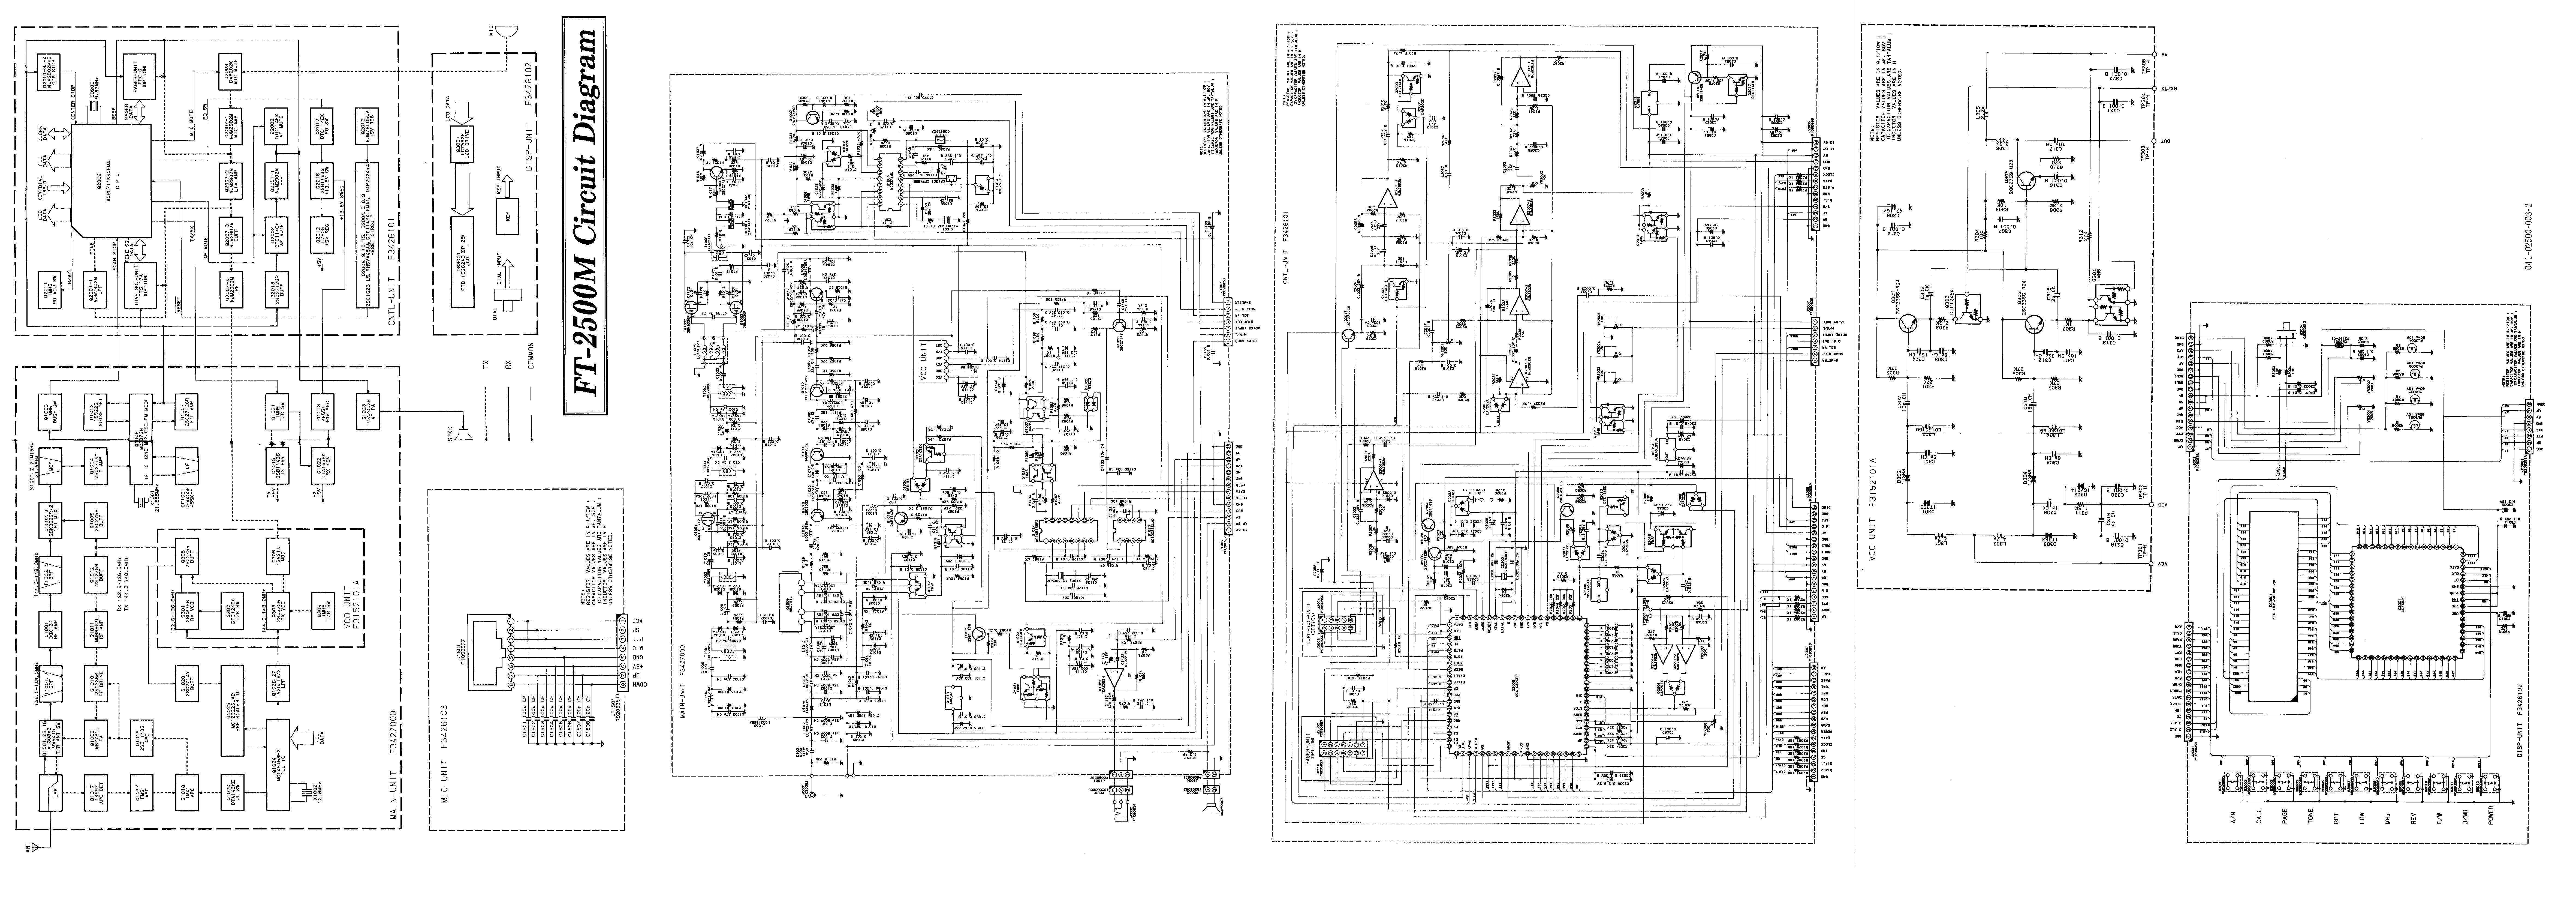 Yaesu, FT-2500M, Schematics, JPG, 5.053 MB, download